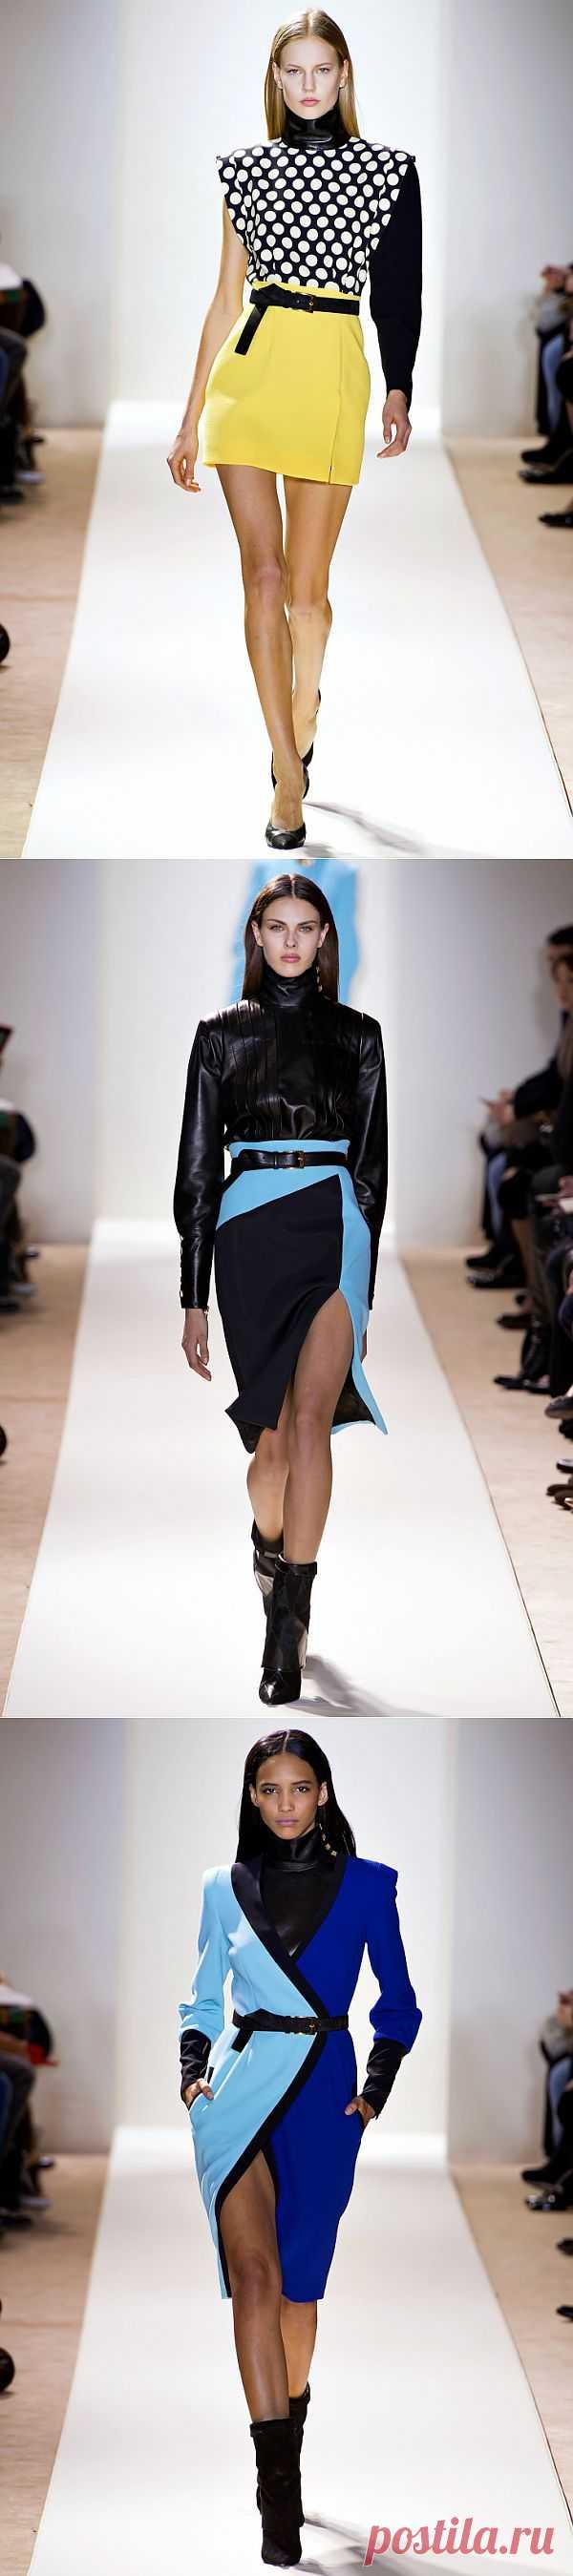 Emanuel Ungaro коллекция Woman FW 13/14 (трафик) / Дизайнеры / Модный сайт о стильной переделке одежды и интерьера